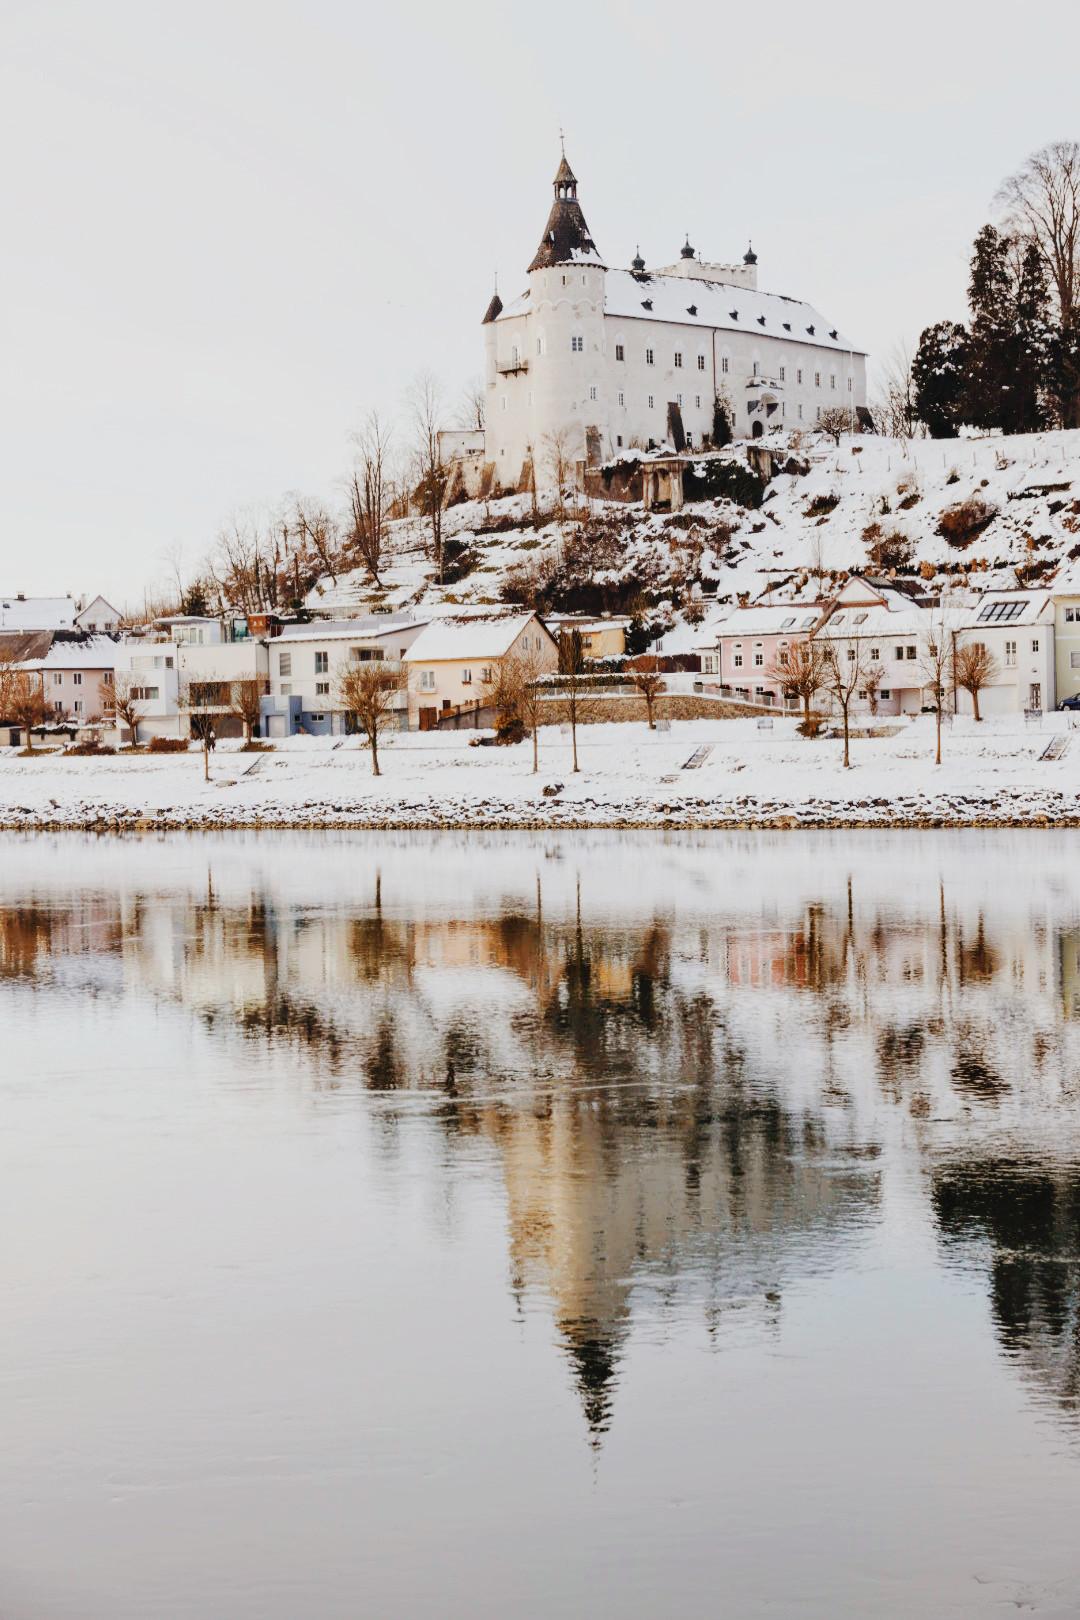 Auch Urlaub zu Hause kann schön sein: Das Schloss Ottensheim in Oberösterreich in Schneelandschaft